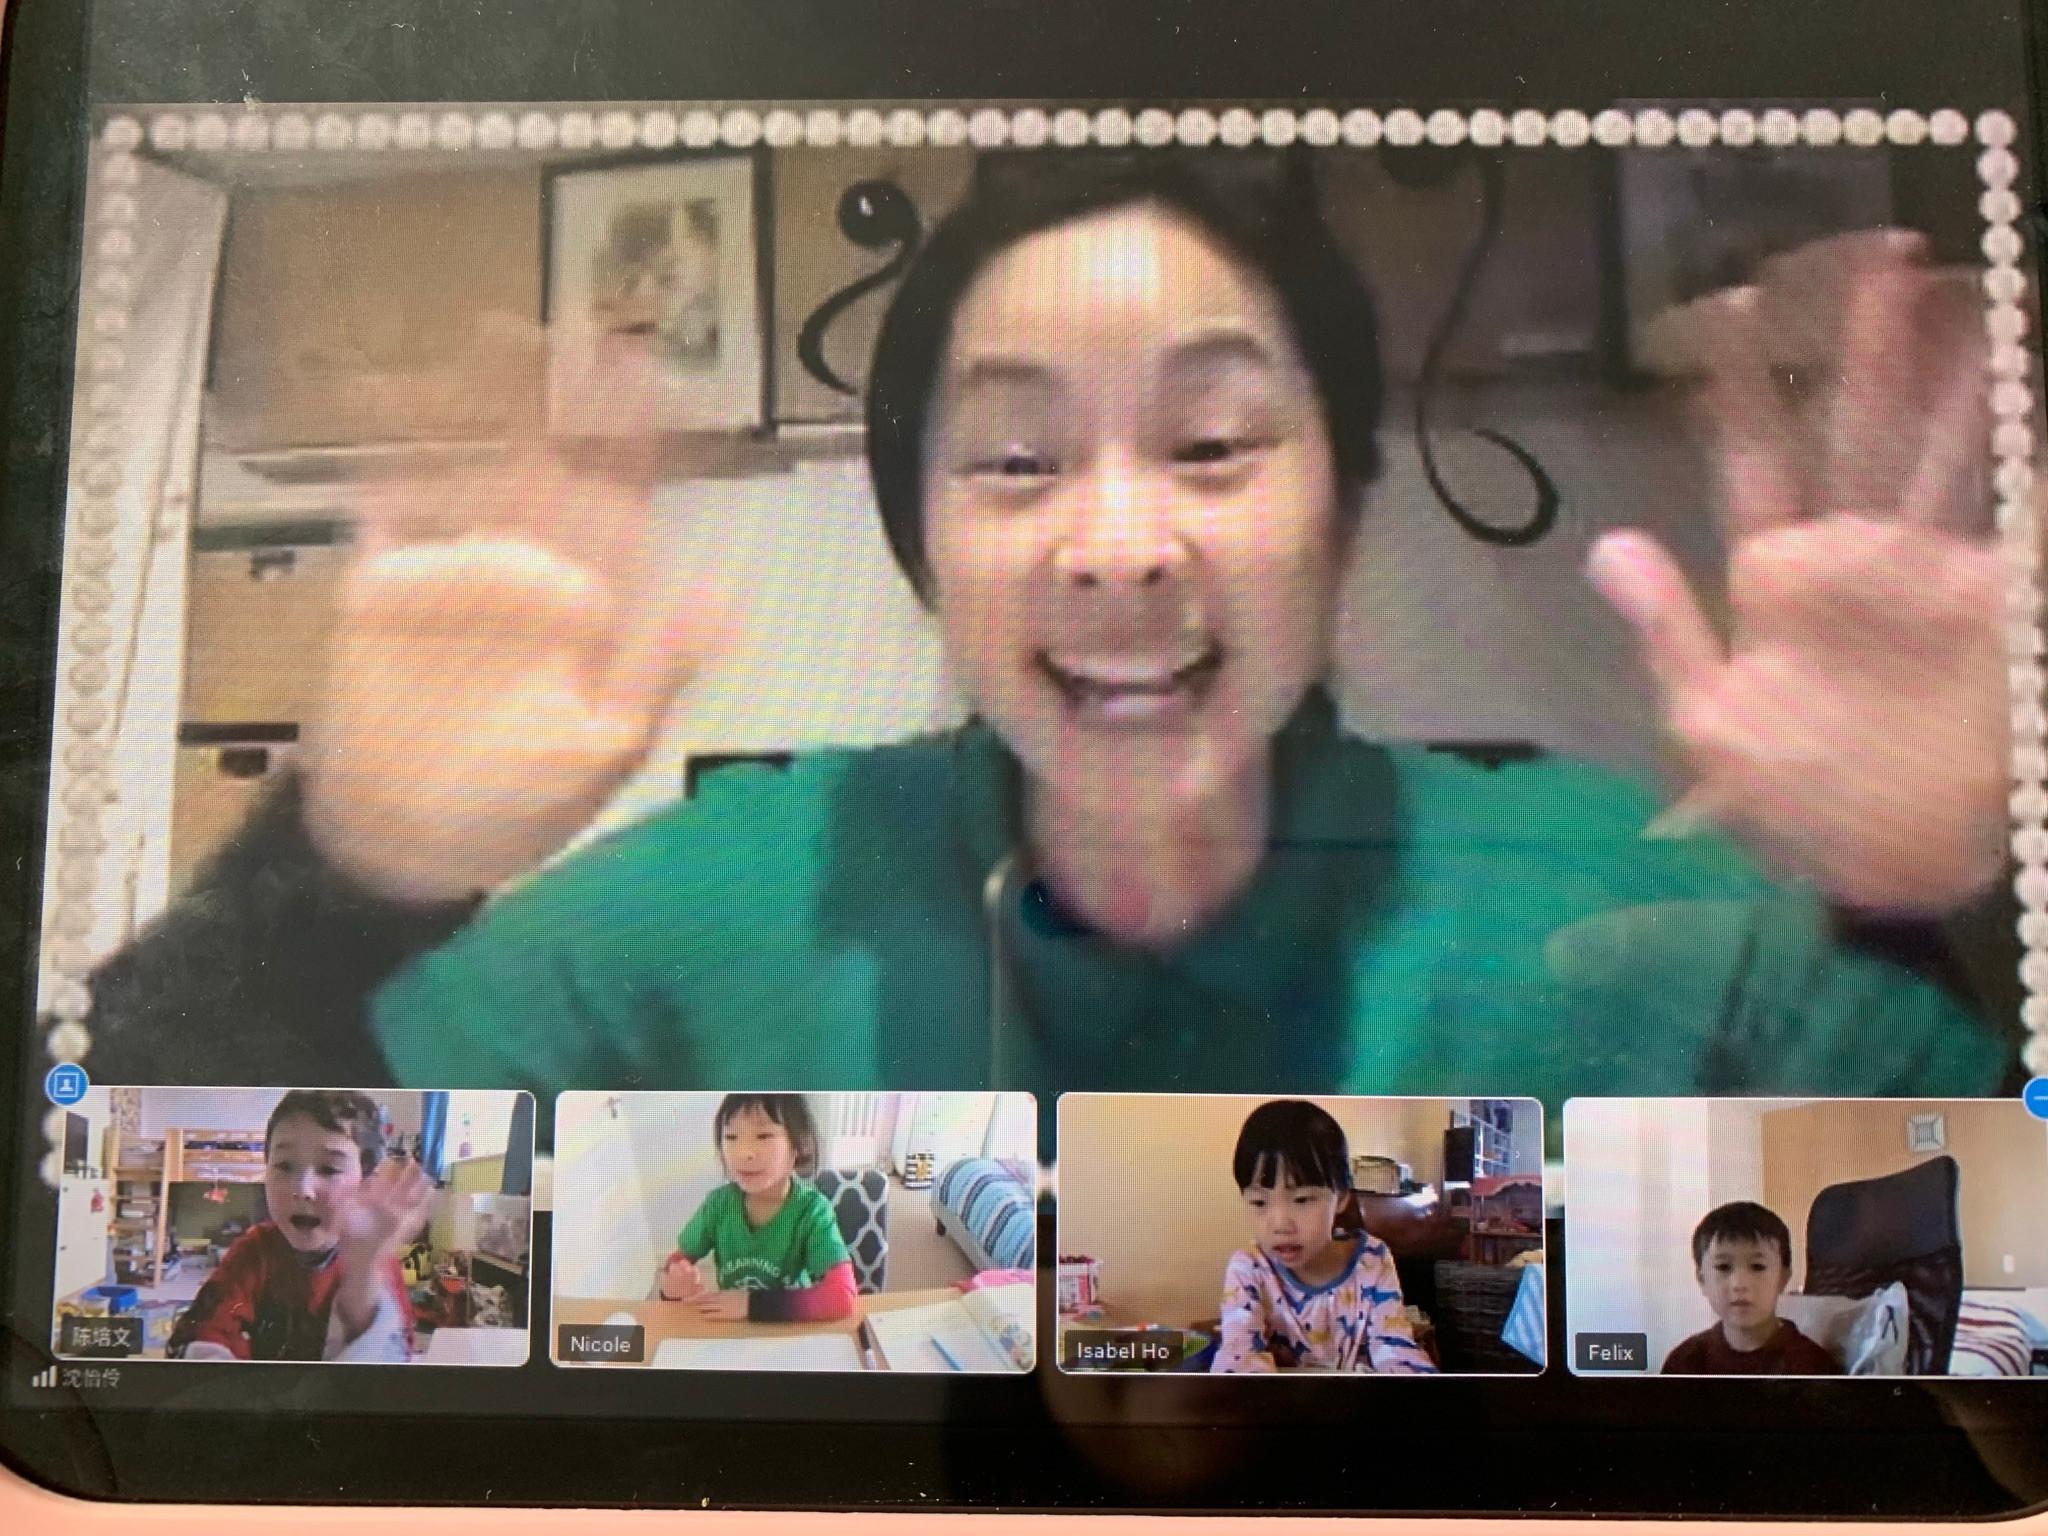 Nursery Class 幼兒園班-Small group online